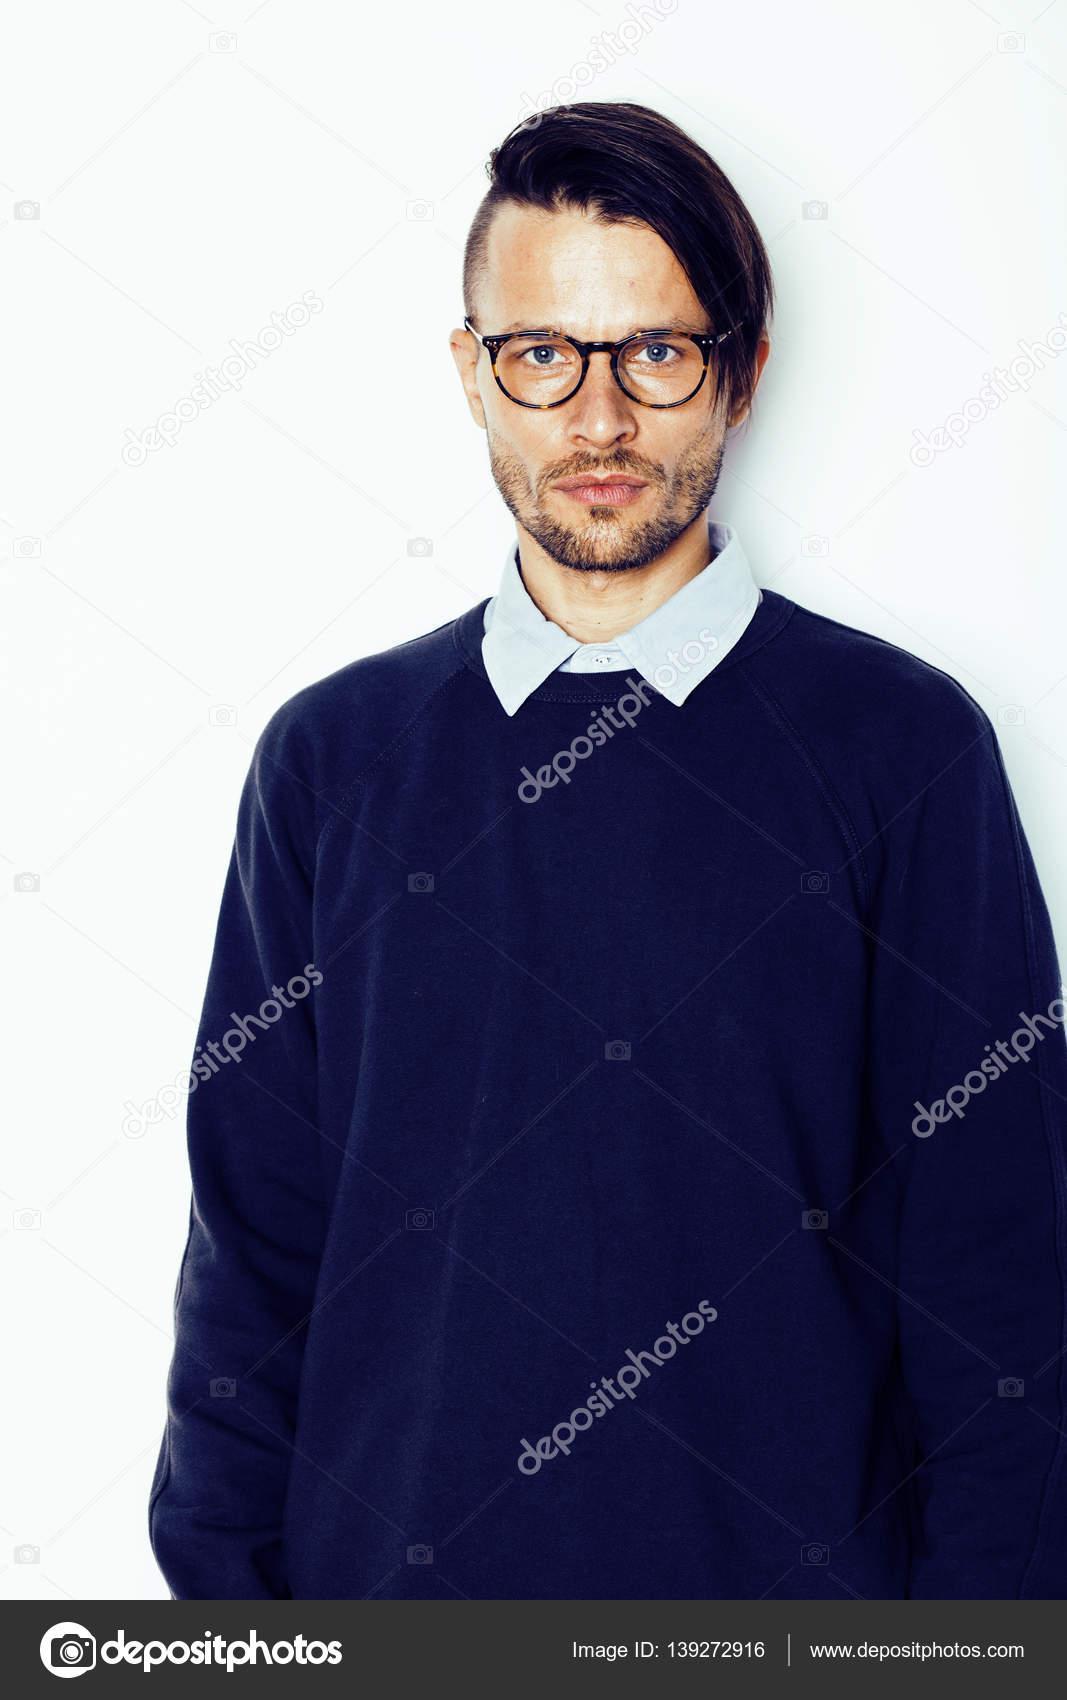 Schone Mittelalter Hipster Mann Mit Modernen Frisur Und Tattoo Bart